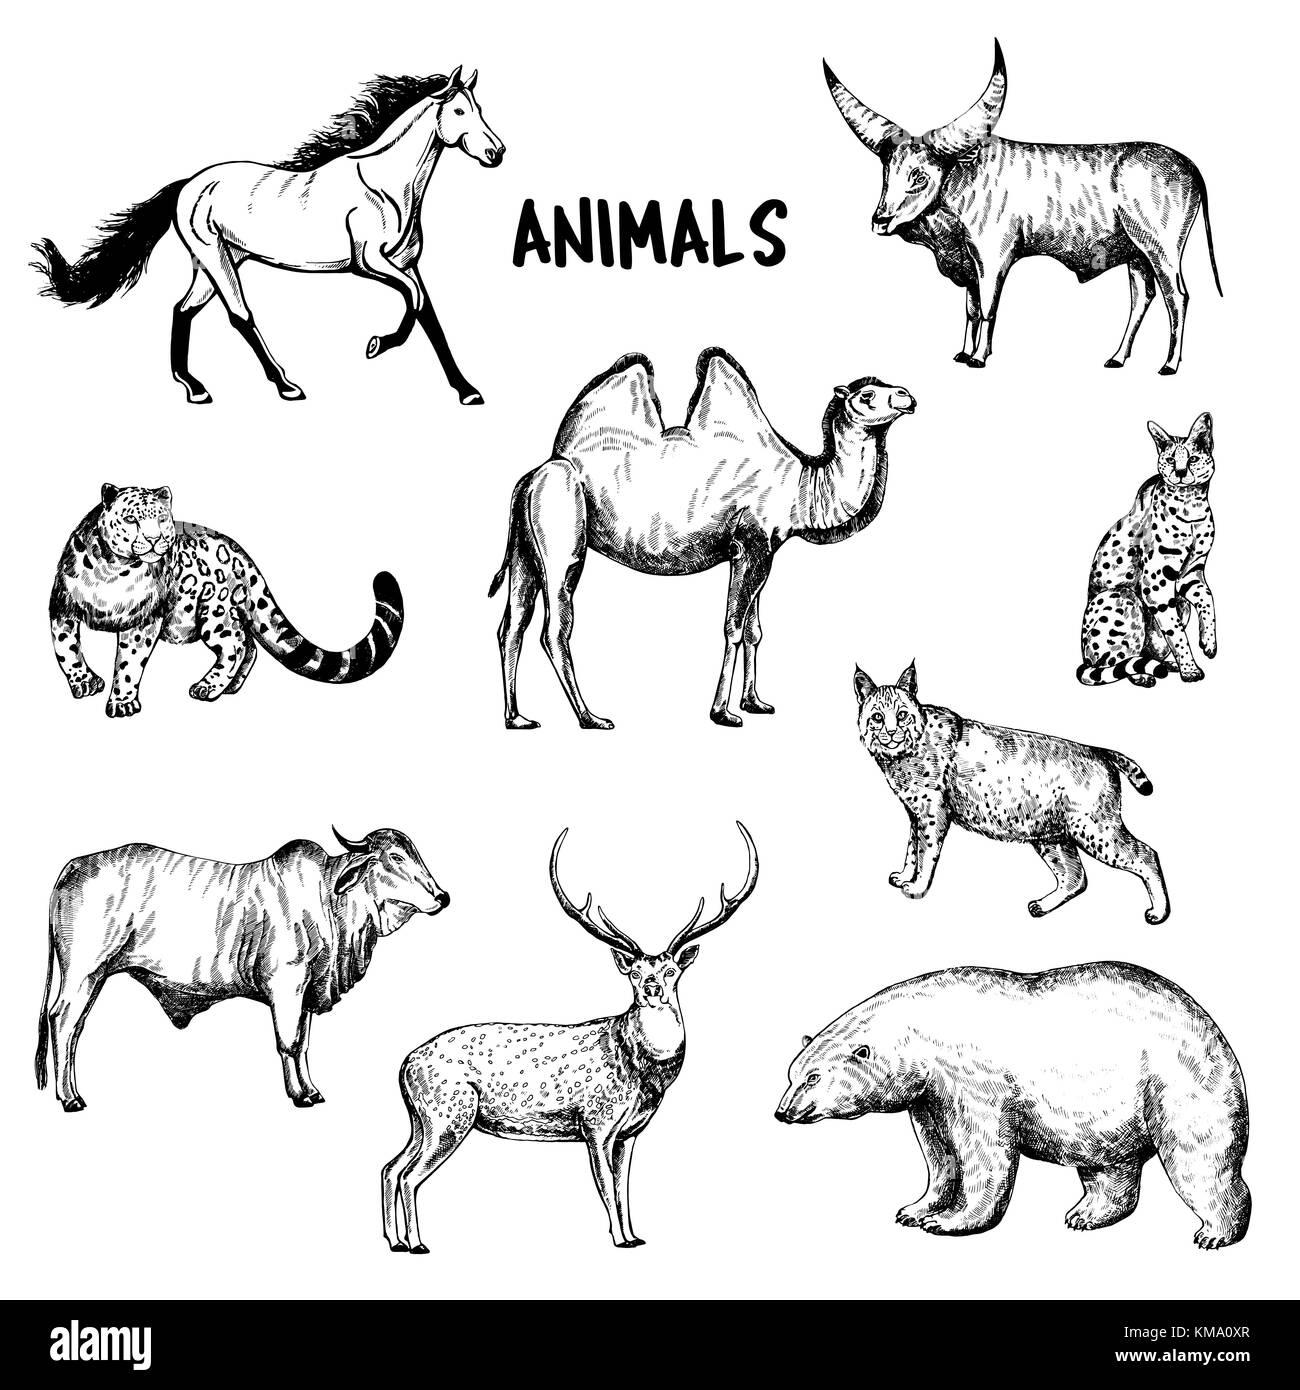 Ensemble de croquis dessinés à la main animaux style. vector illustration isolé sur fond blanc. Illustration de Vecteur